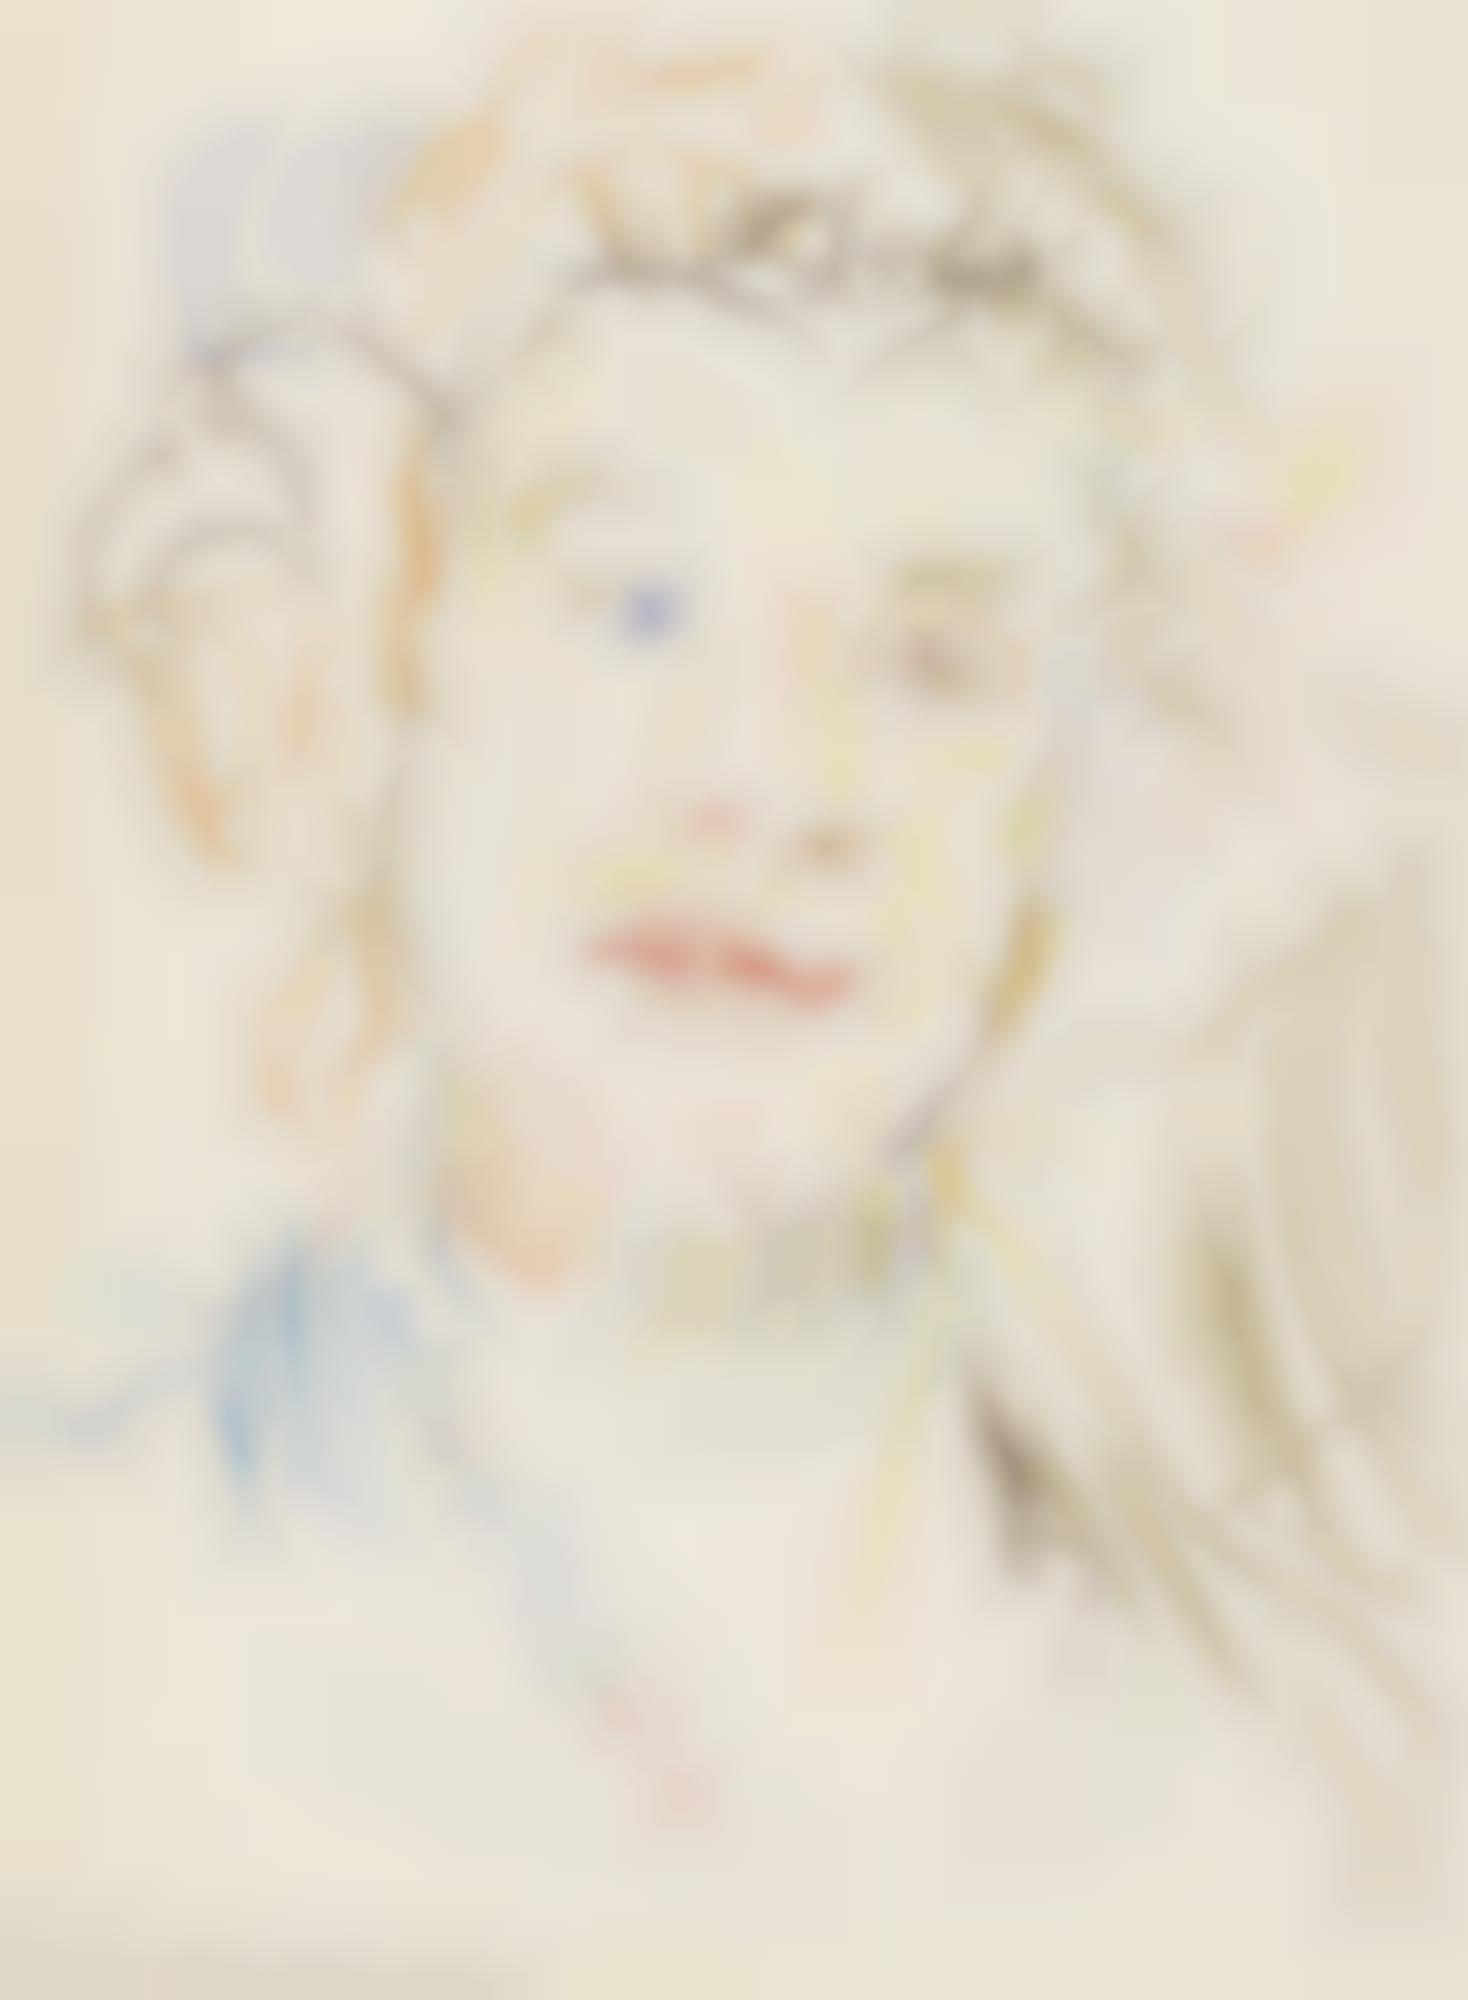 Oskar Kokoschka-Portrait Of Olda Kokoschka - Recto Grapes - Verso-